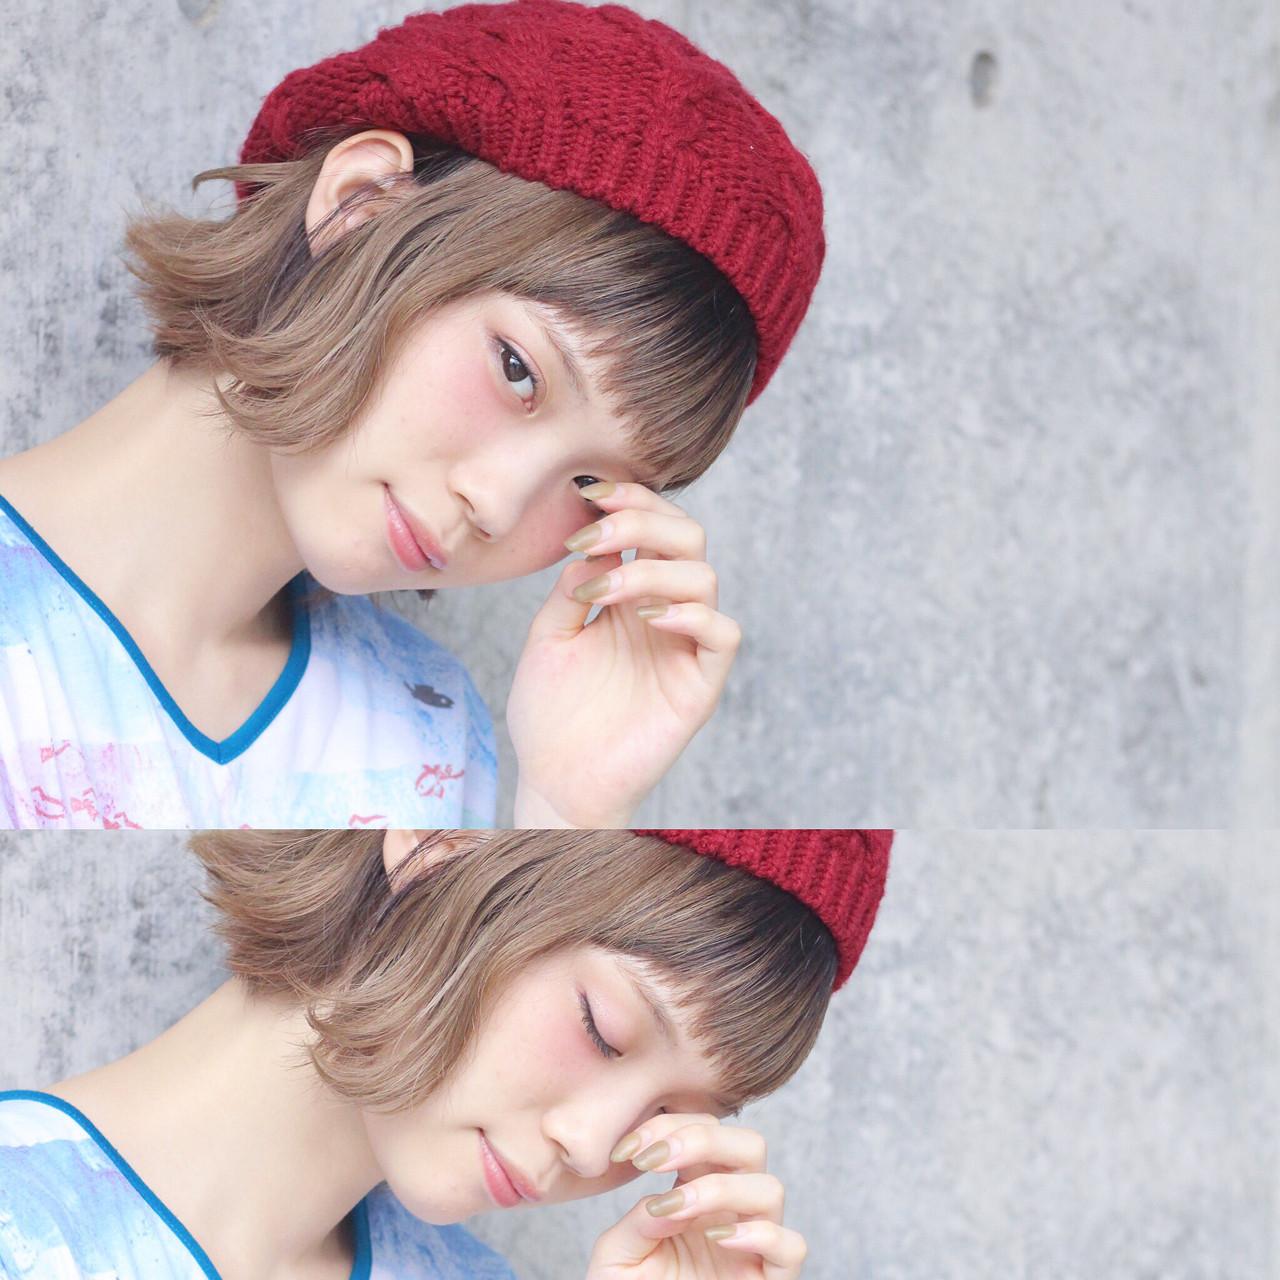 前髪ありで元気な表情を見せて♪ Wataru Maeda